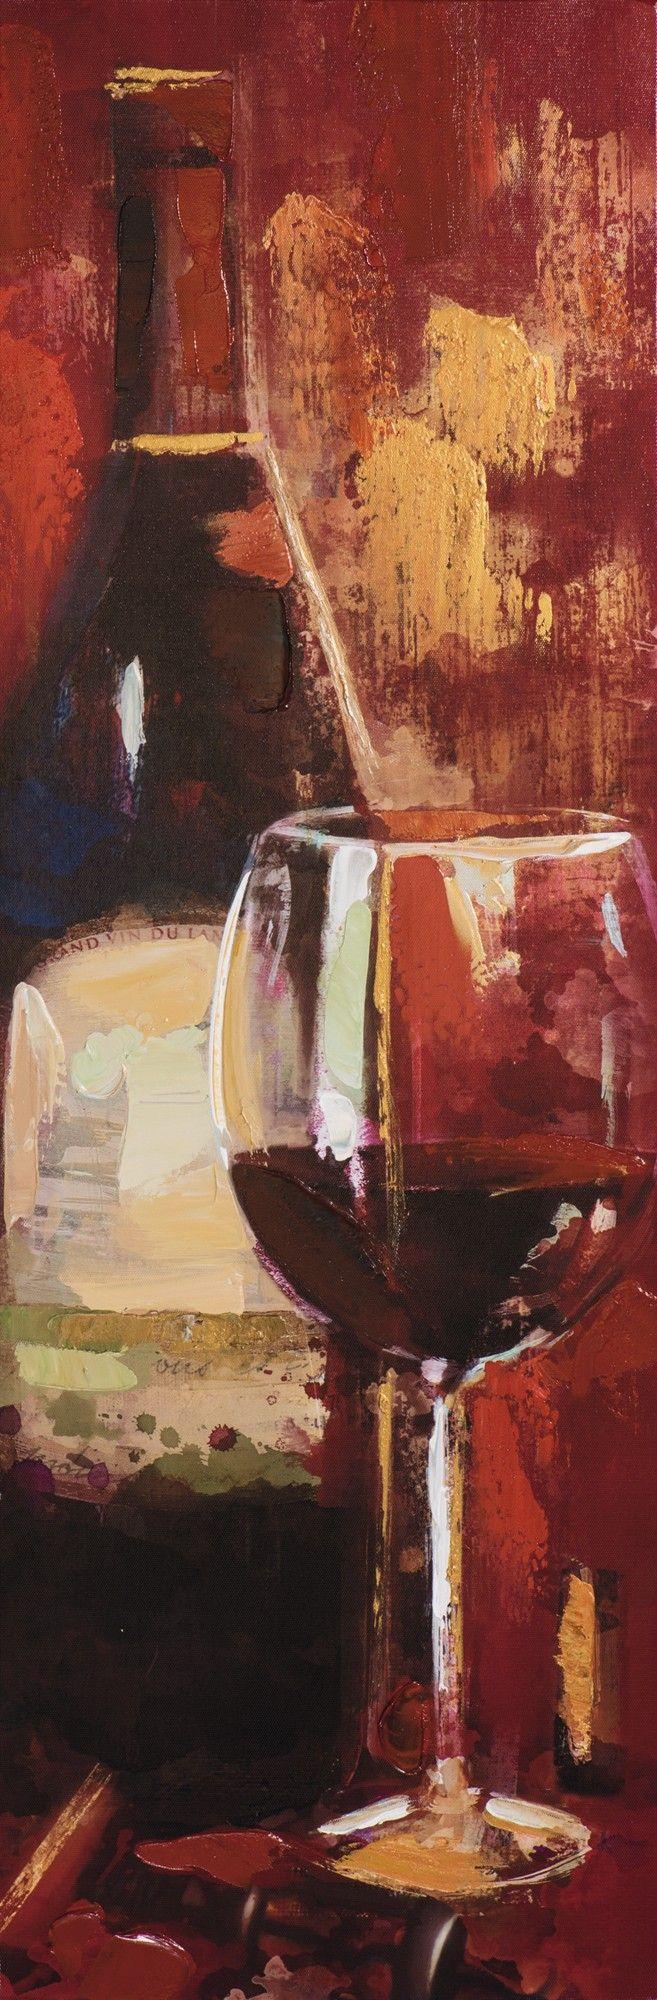 Tableau Vin abstrait 30x90 Peinture acrylique - Infos et ...